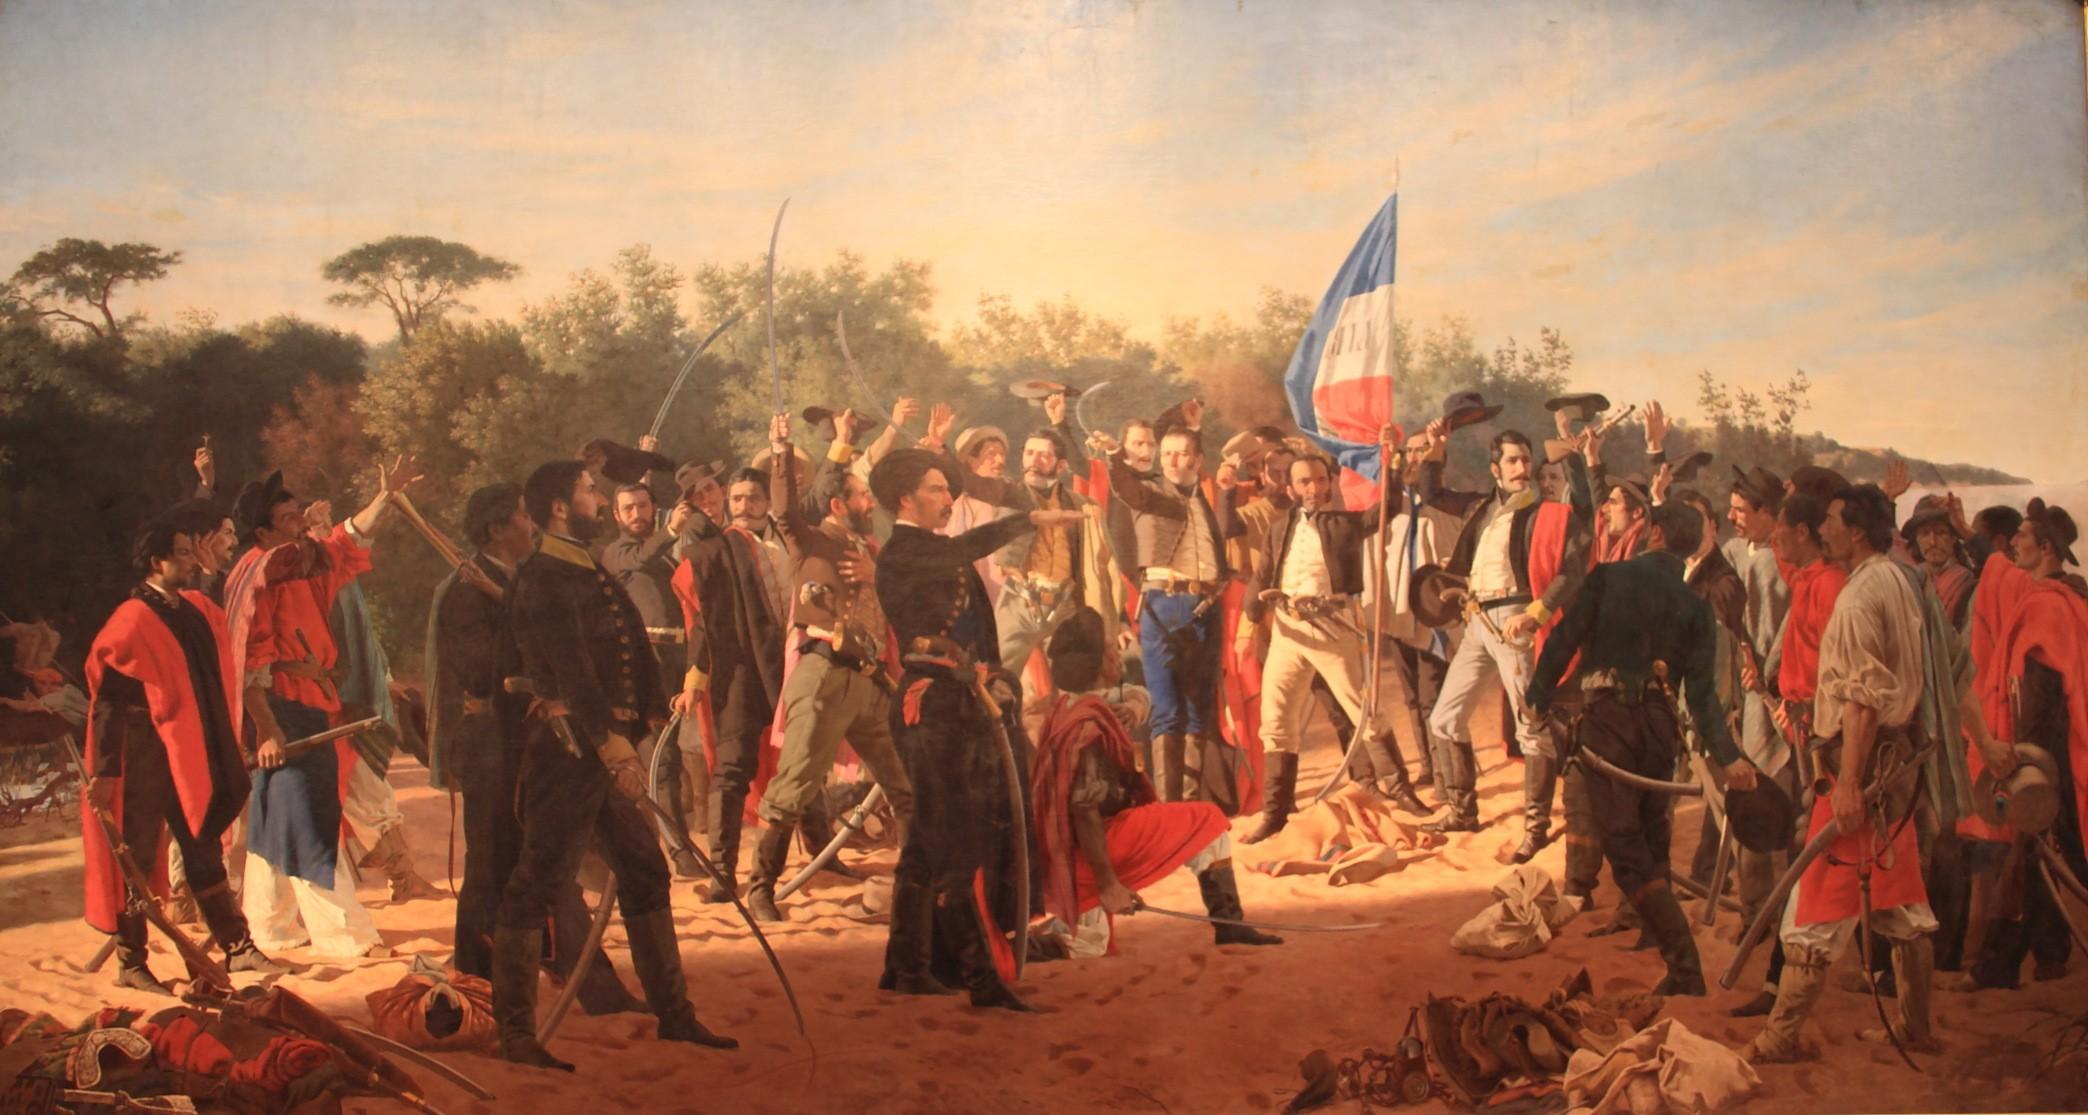 Juan Manuel Blanes El Juramento de los Treinta y Tres Orientales